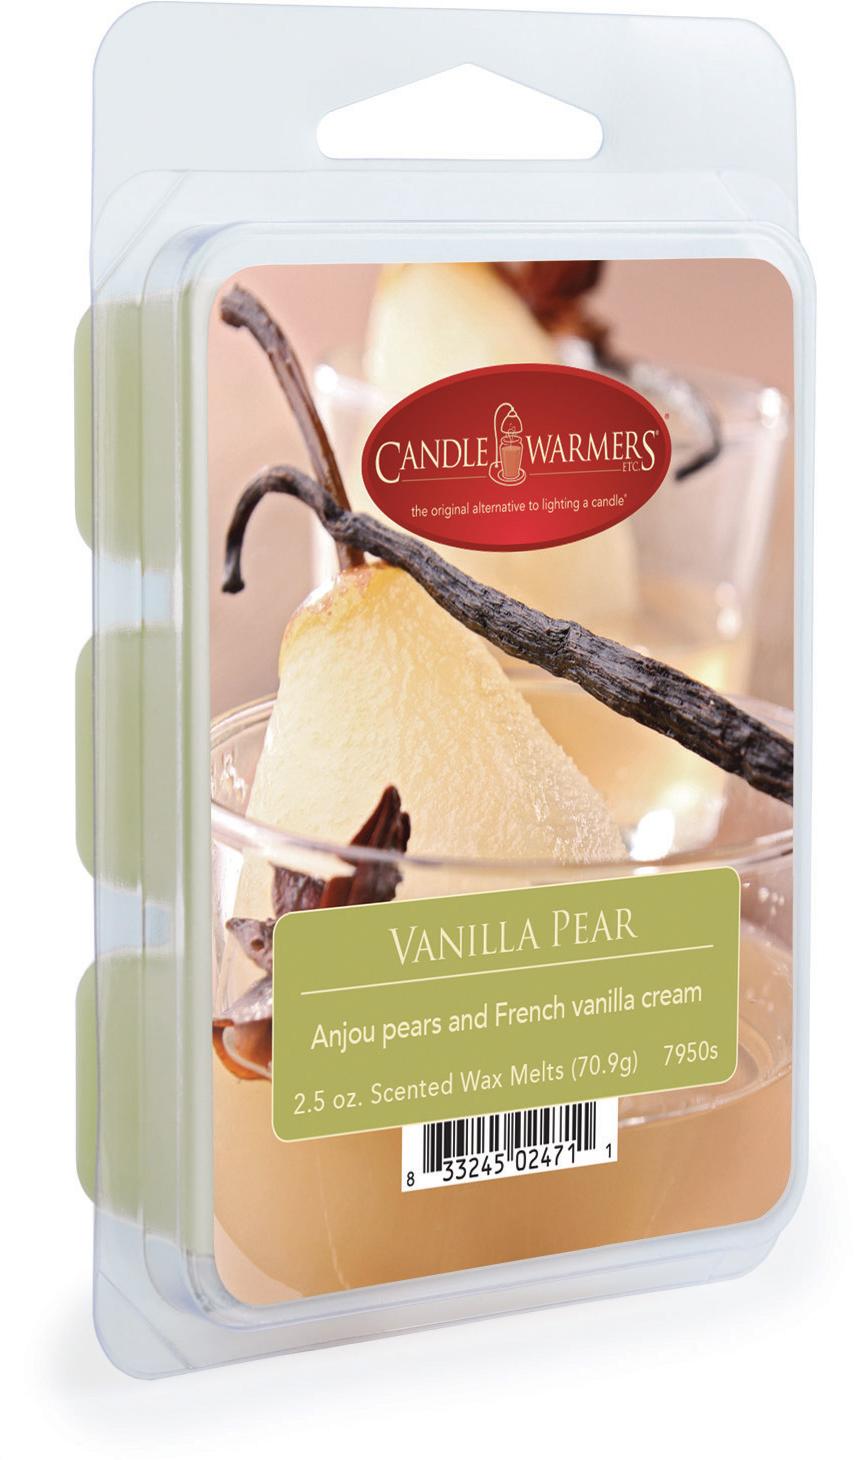 Воск ароматический Candle Warmers Ванильный боб / Vanilla Bean, цвет: бежевый, 75 г7885sВоск Candle Warmers.Мы черпаем вдохновение из нашей любви к дому, разнообразию, красоте и простоте.Откройте контейнер отломите кубик воска и положите его в емкость для нагрева.Для интенсивности аромата регулируйте количество кубиков.Теплый, чистый аромат стручков ванили.Время горения 30 часов.